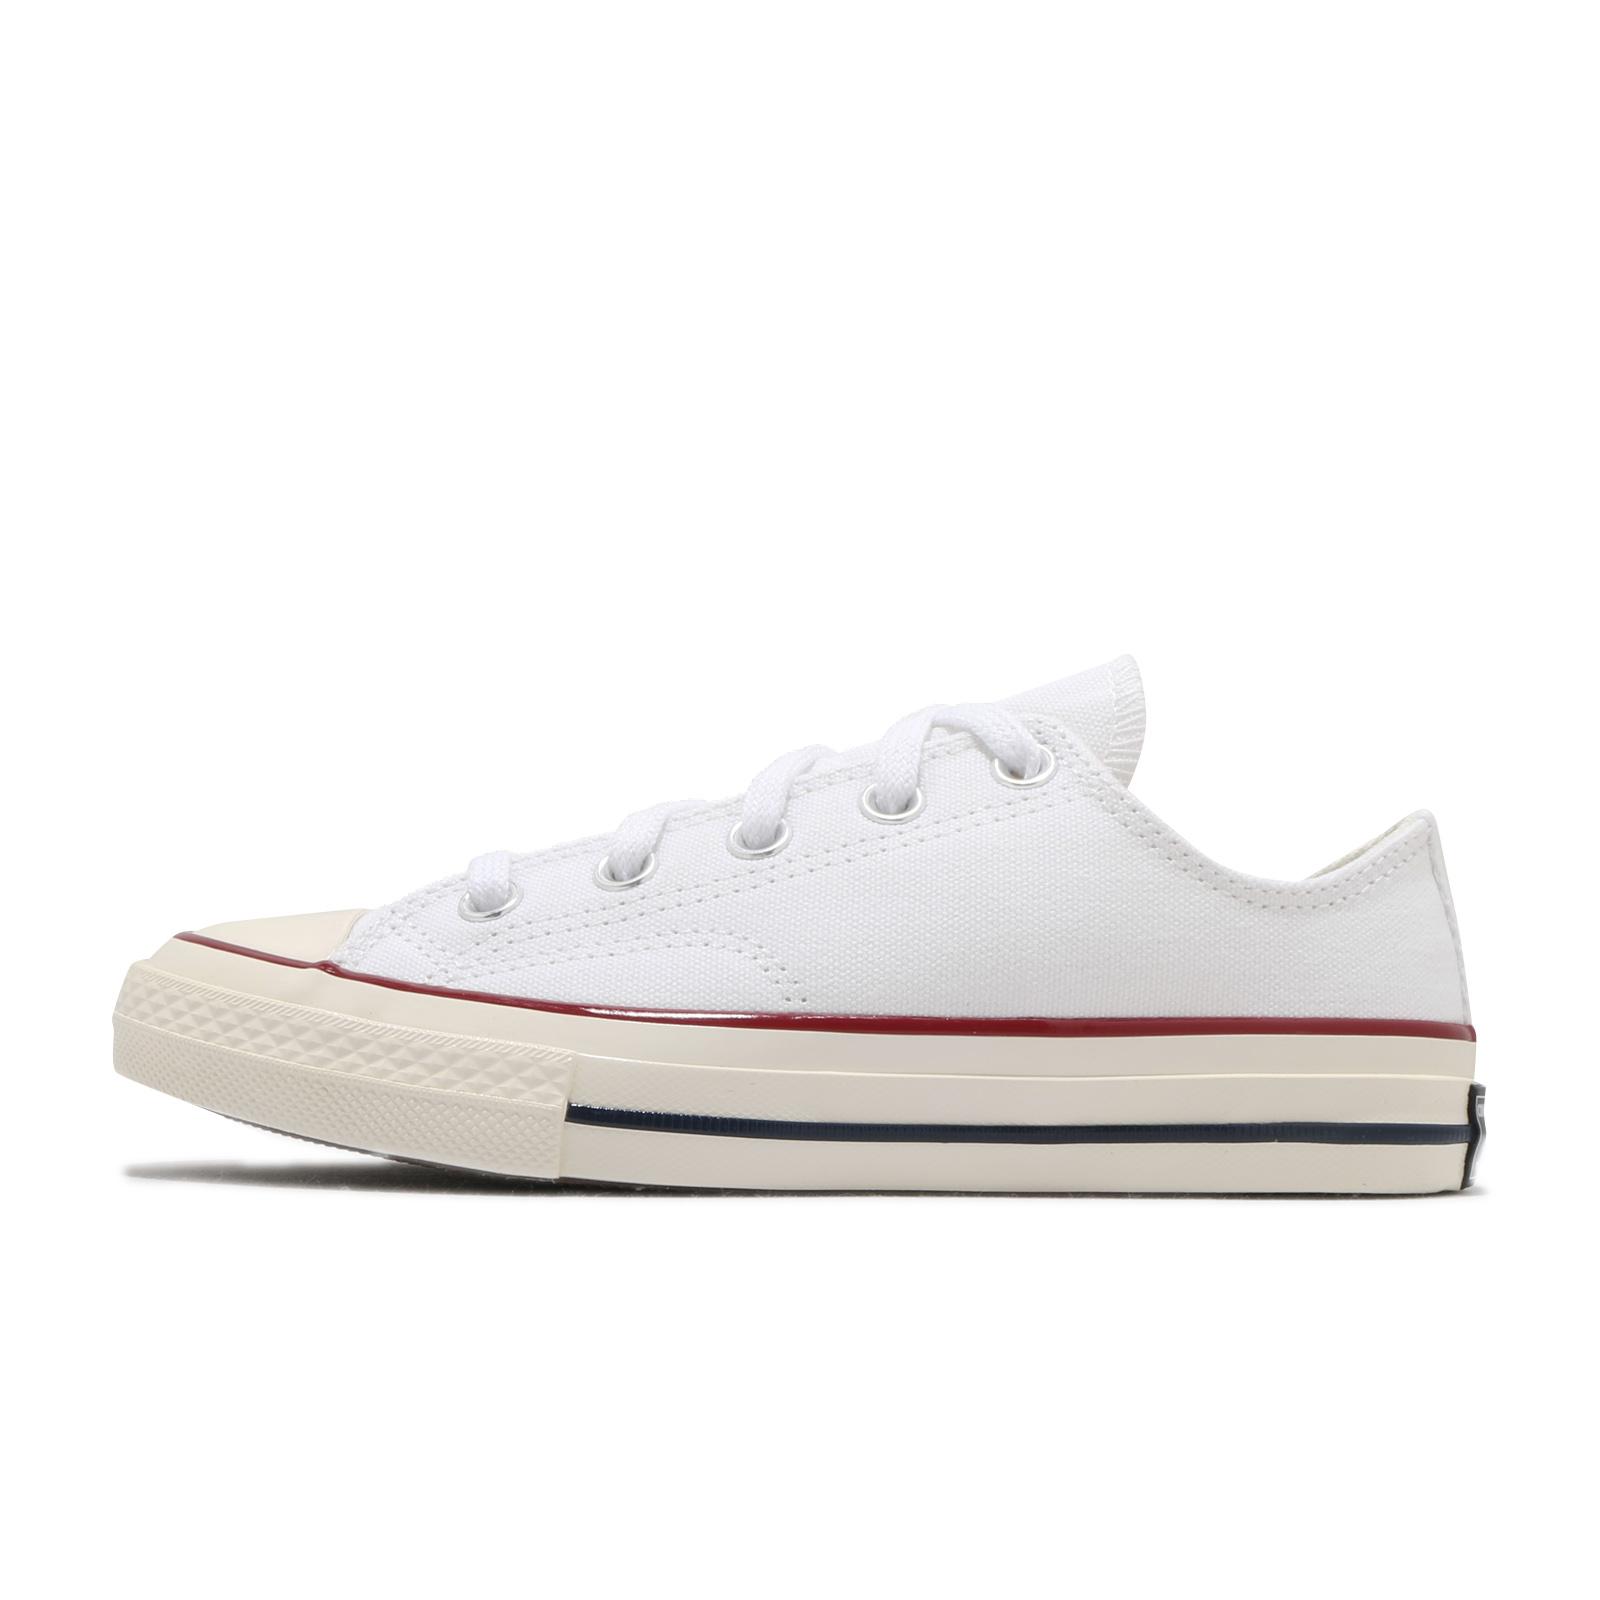 Converse 帆布鞋 Chuck 70 白 低筒 1970 童鞋 小朋友【ACS】 368988C